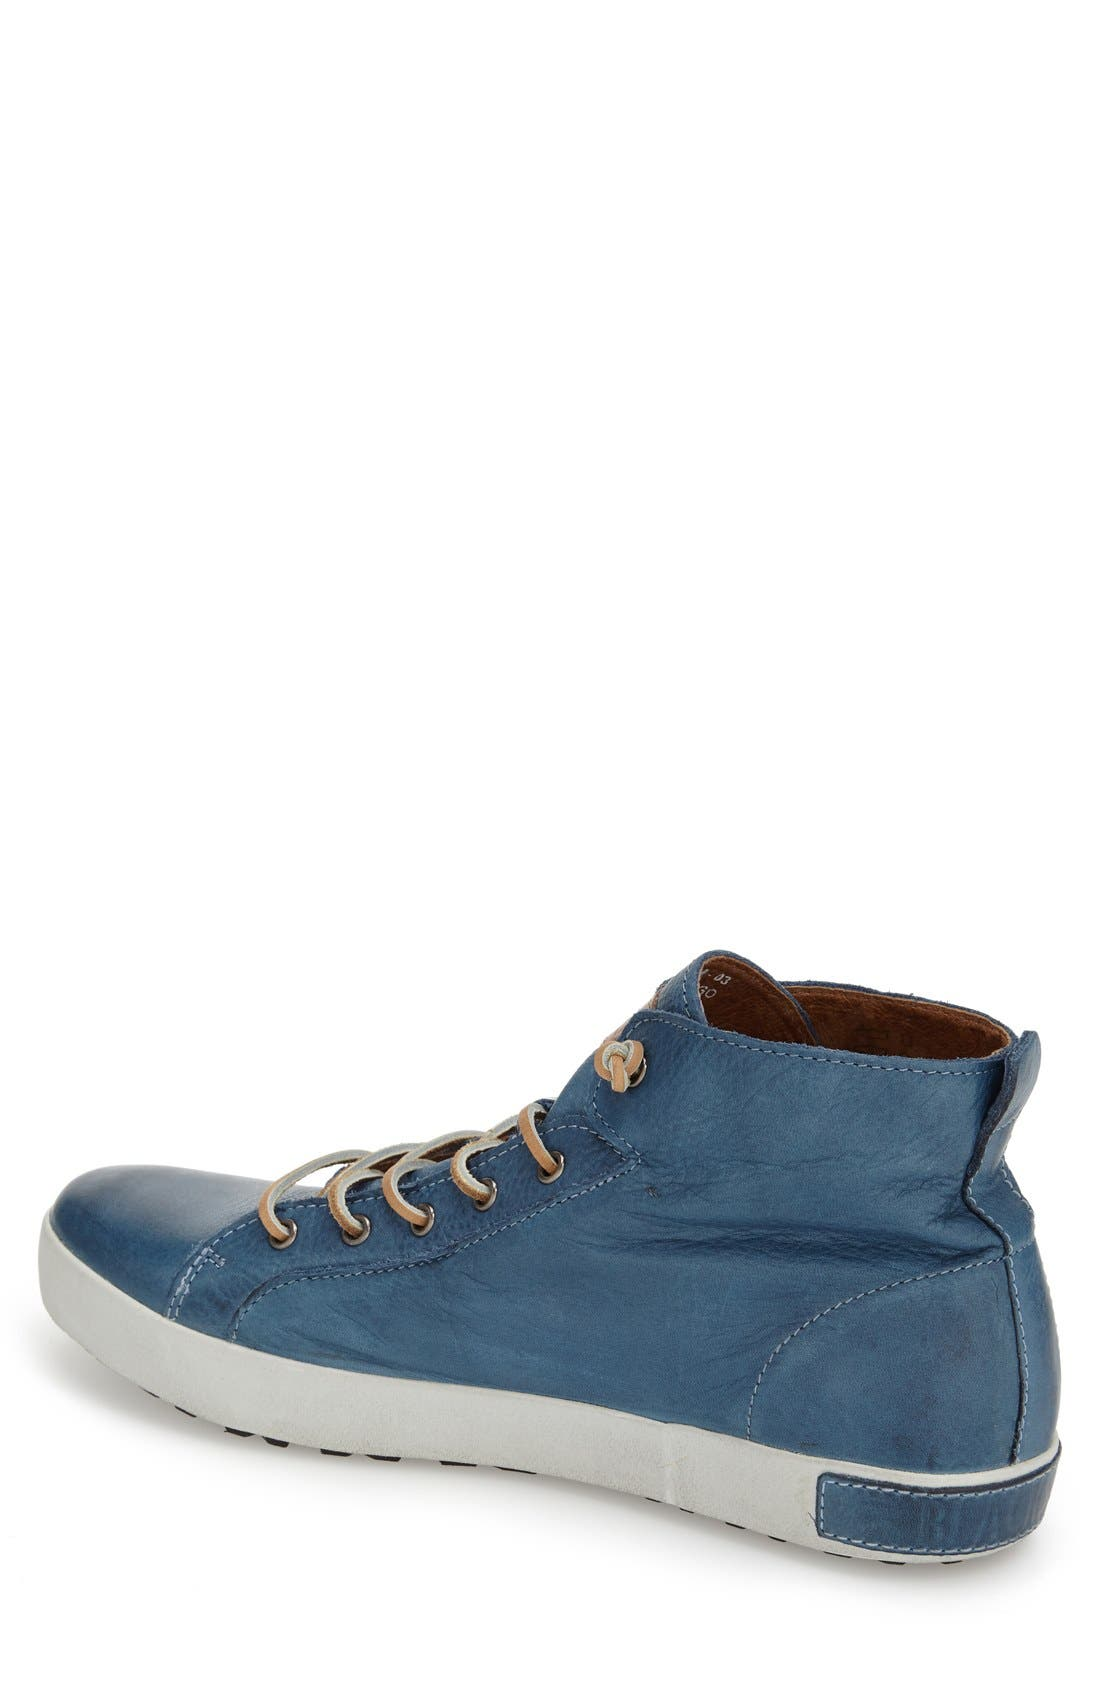 'JM03' Sneaker,                             Alternate thumbnail 3, color,                             Light Indigo Leather